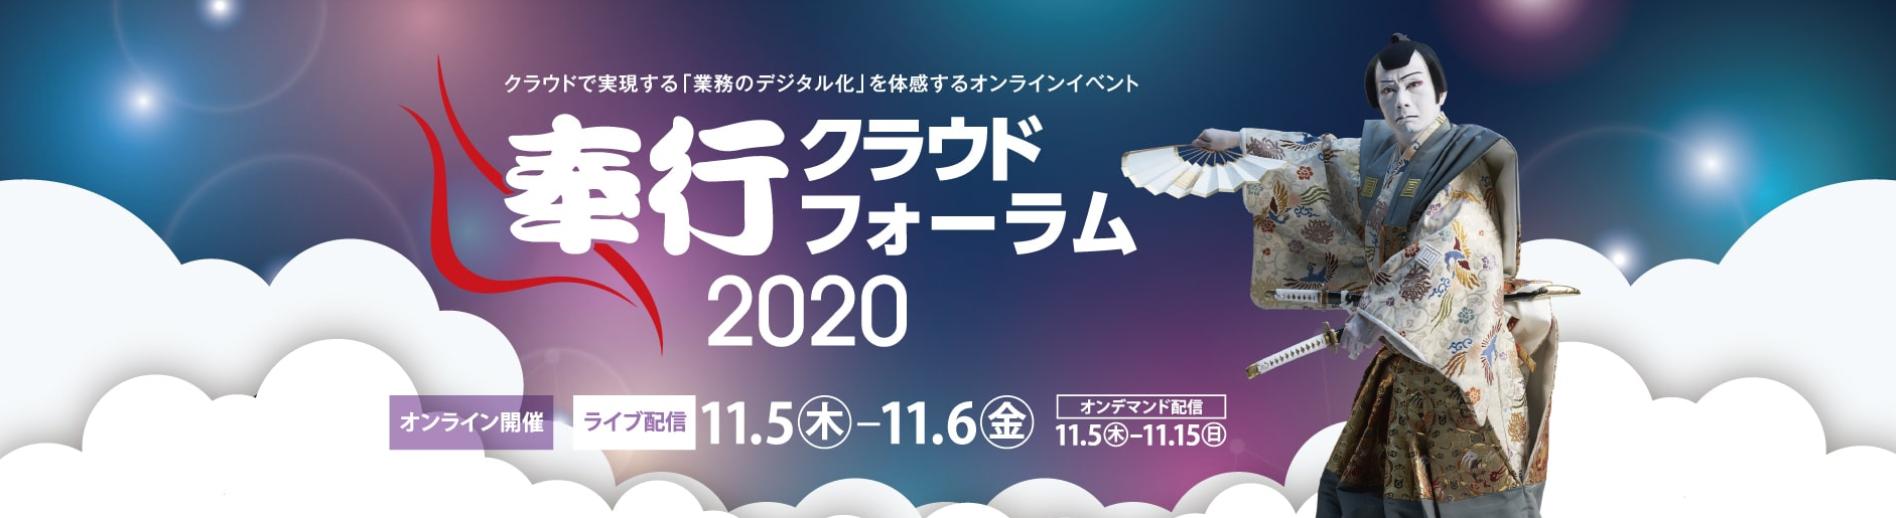 【終了】【イベント】OBC奉行クラウドフォーラム2020のご案内